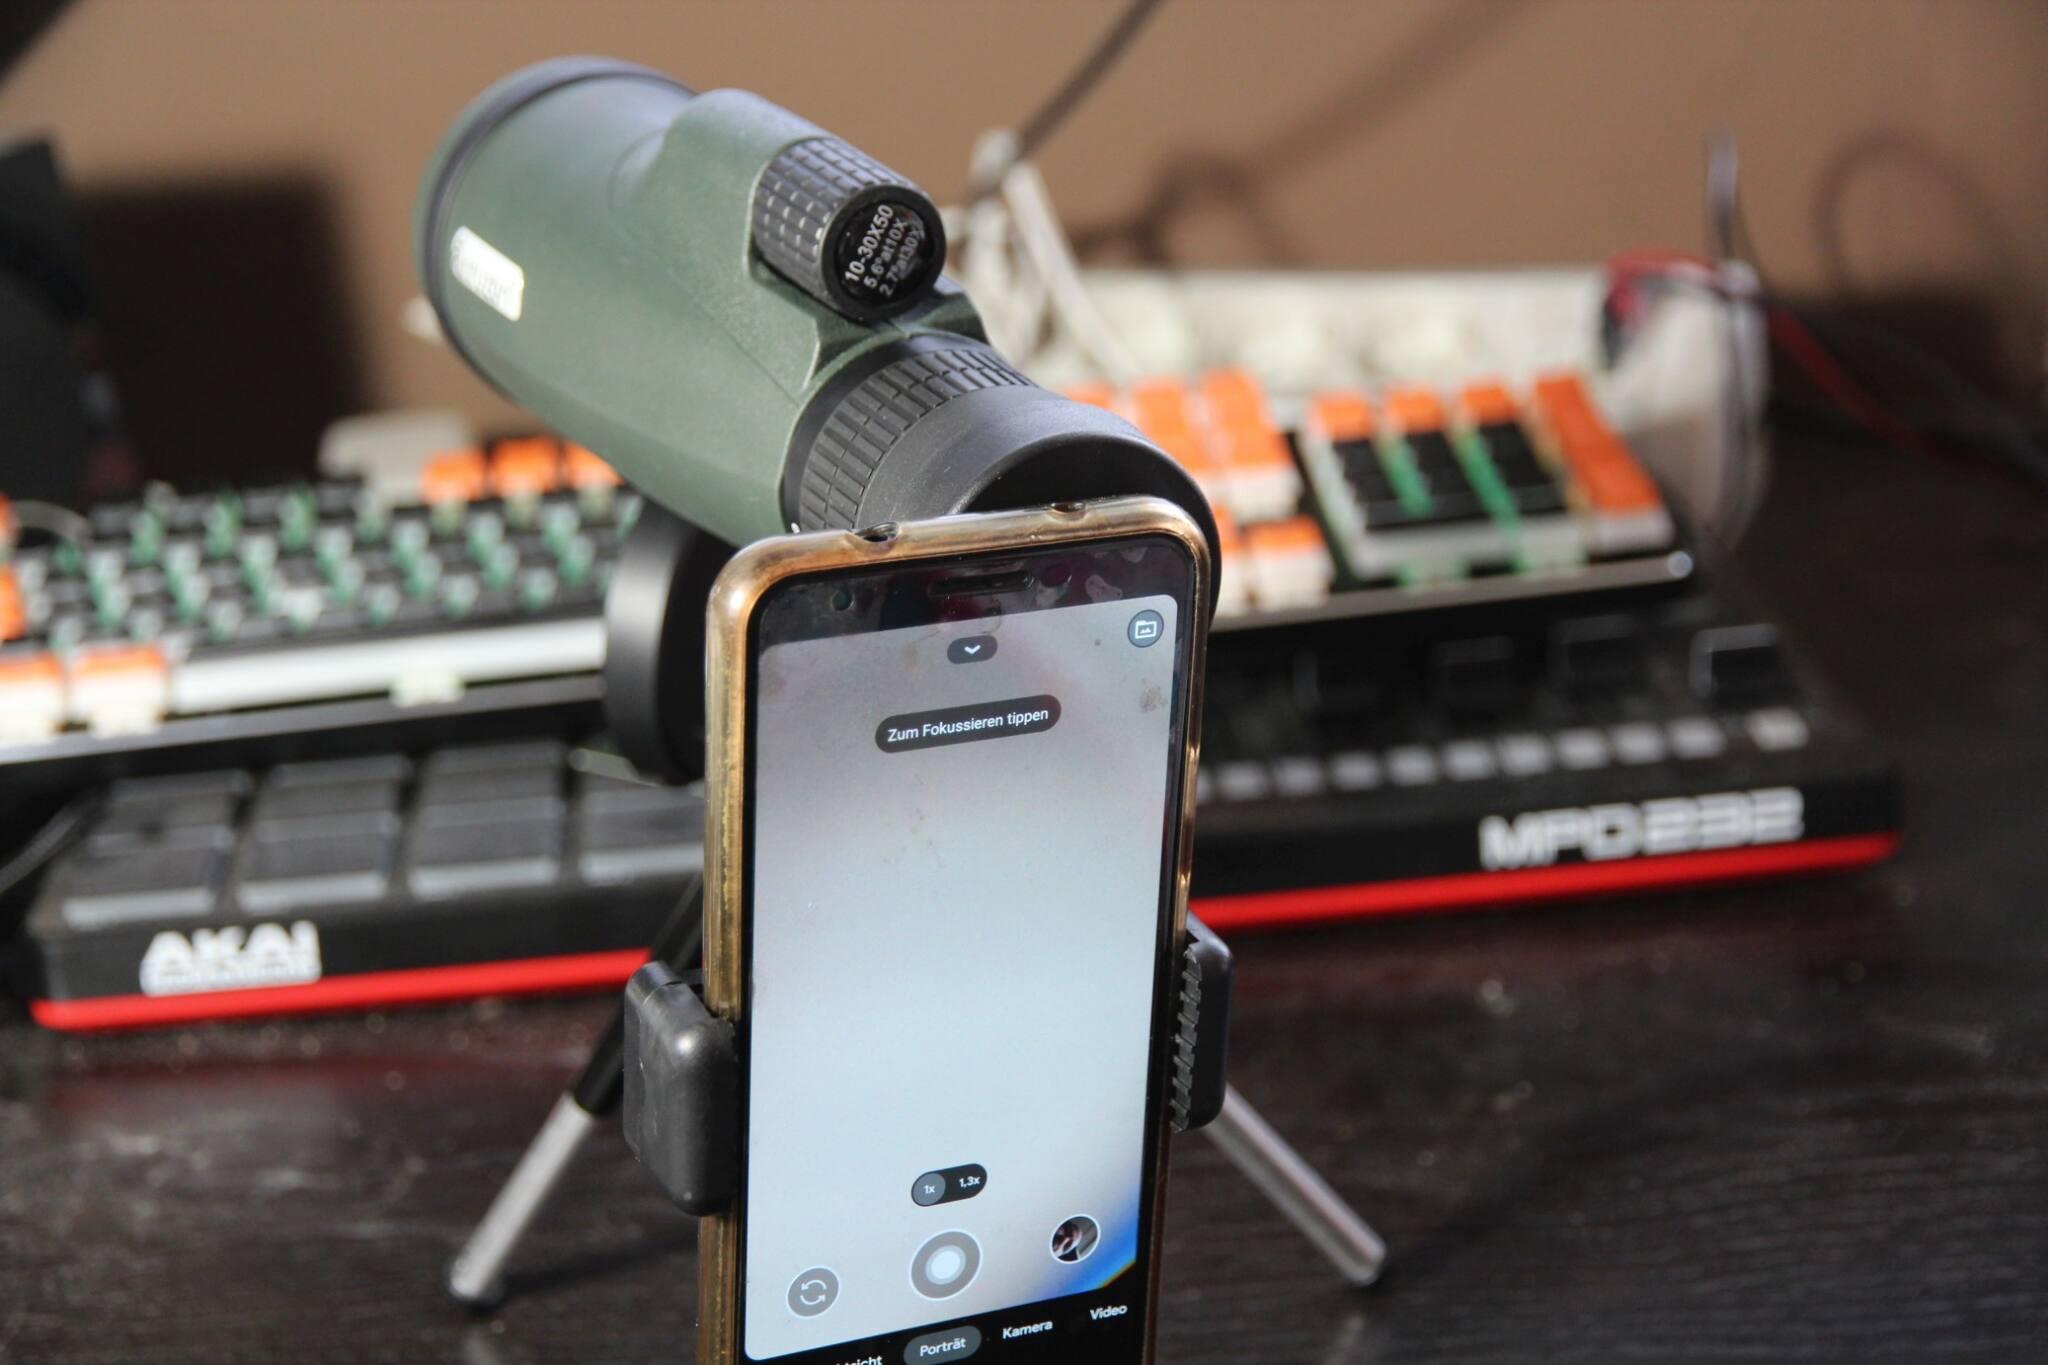 detail-aufnahme des monokulars mit smartphone.